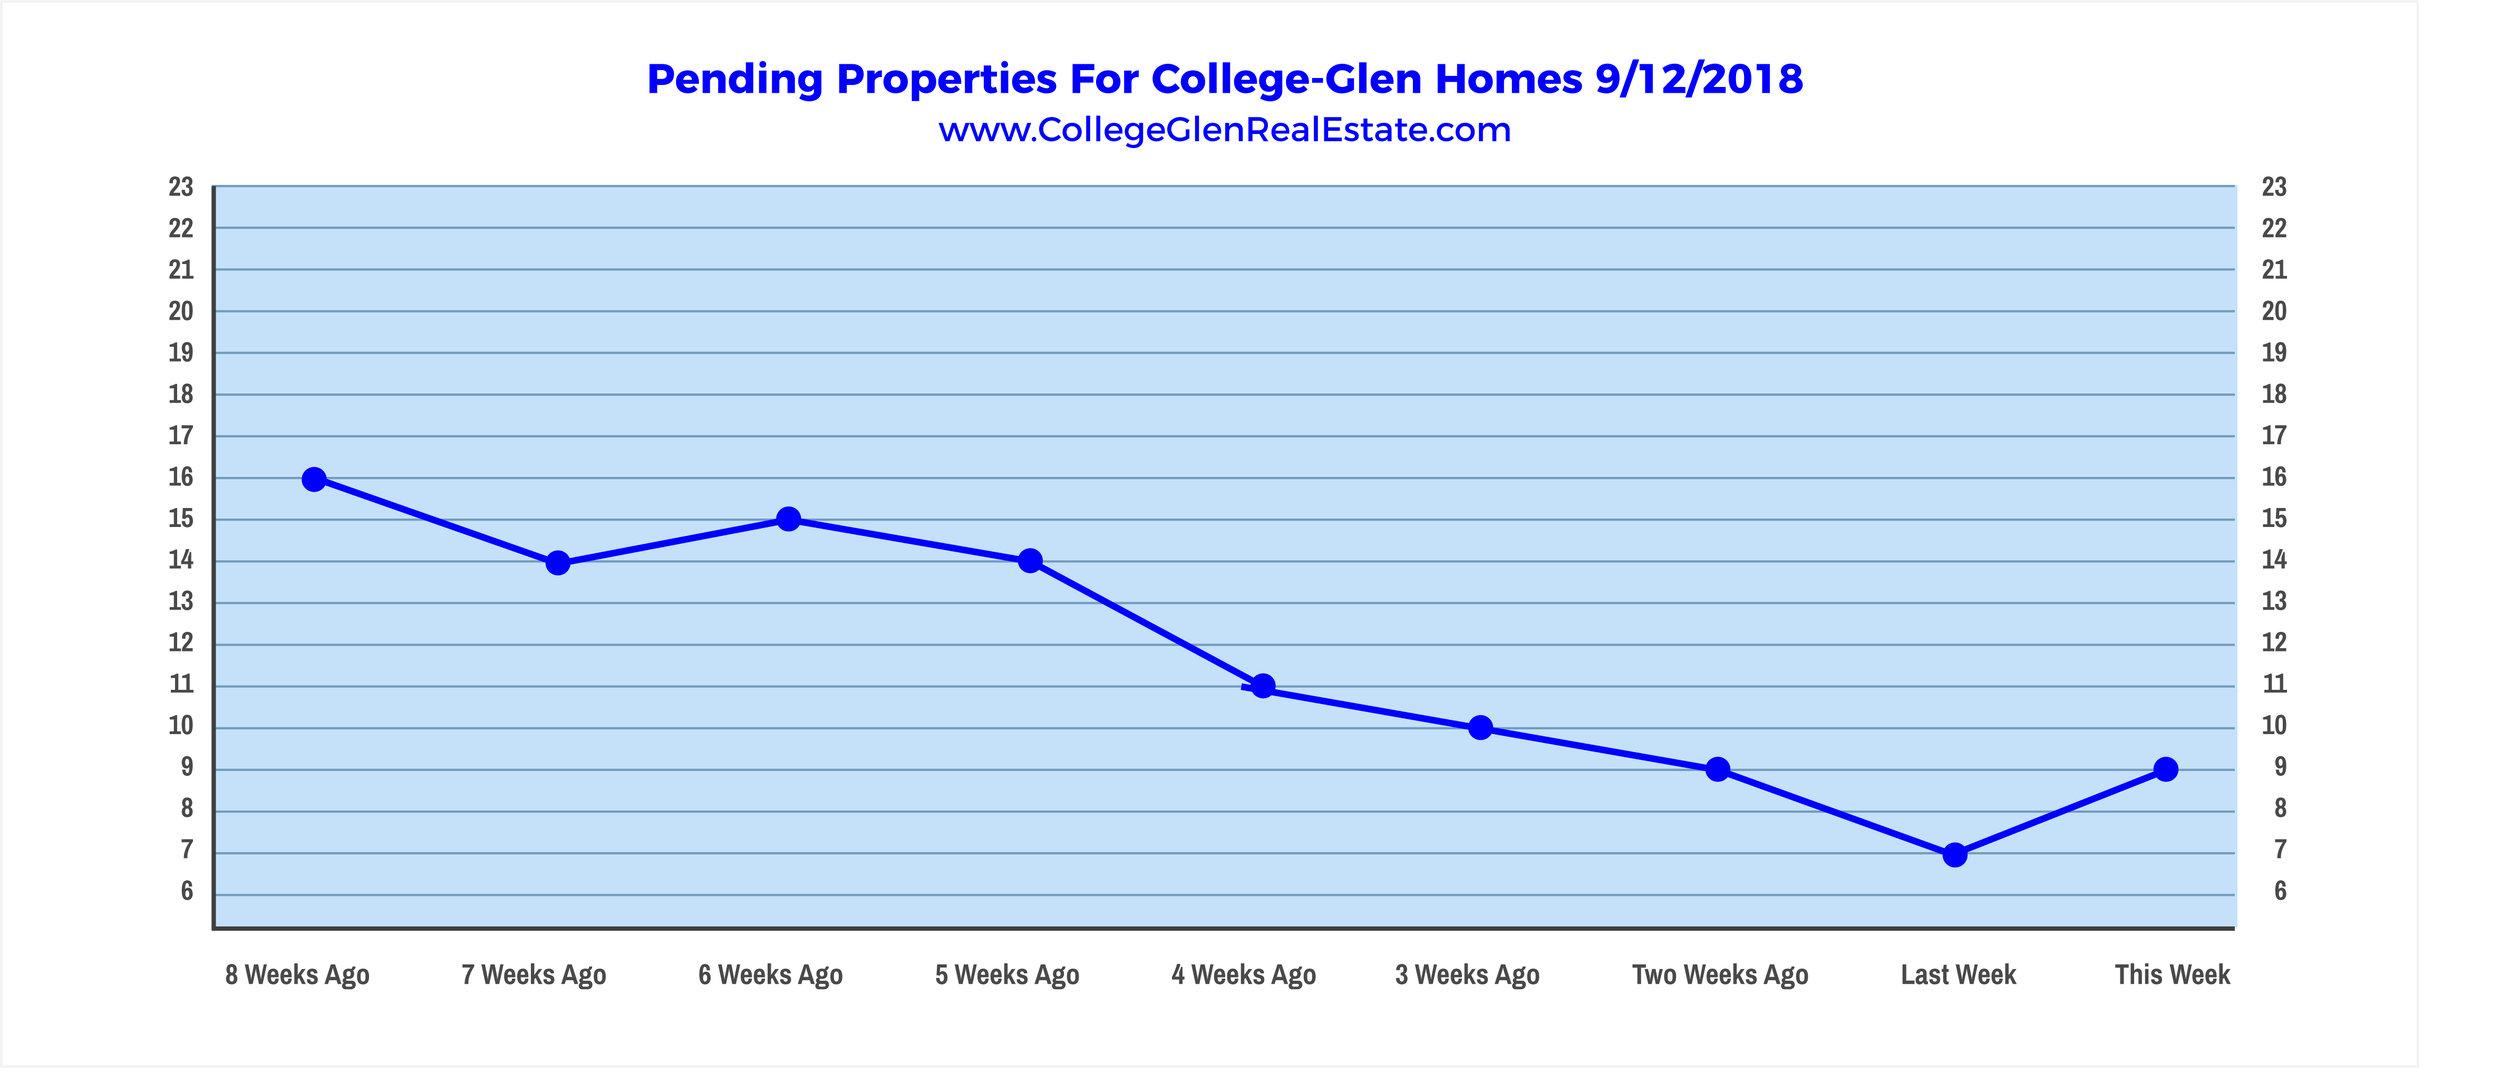 Pendings 9-12-18 - College Greens Glenbrook College Glen College-Glen Real Estate - www.CollegeGlenRealEstate.com - Doug Reynolds Real Estate Realtor Sacramento.png